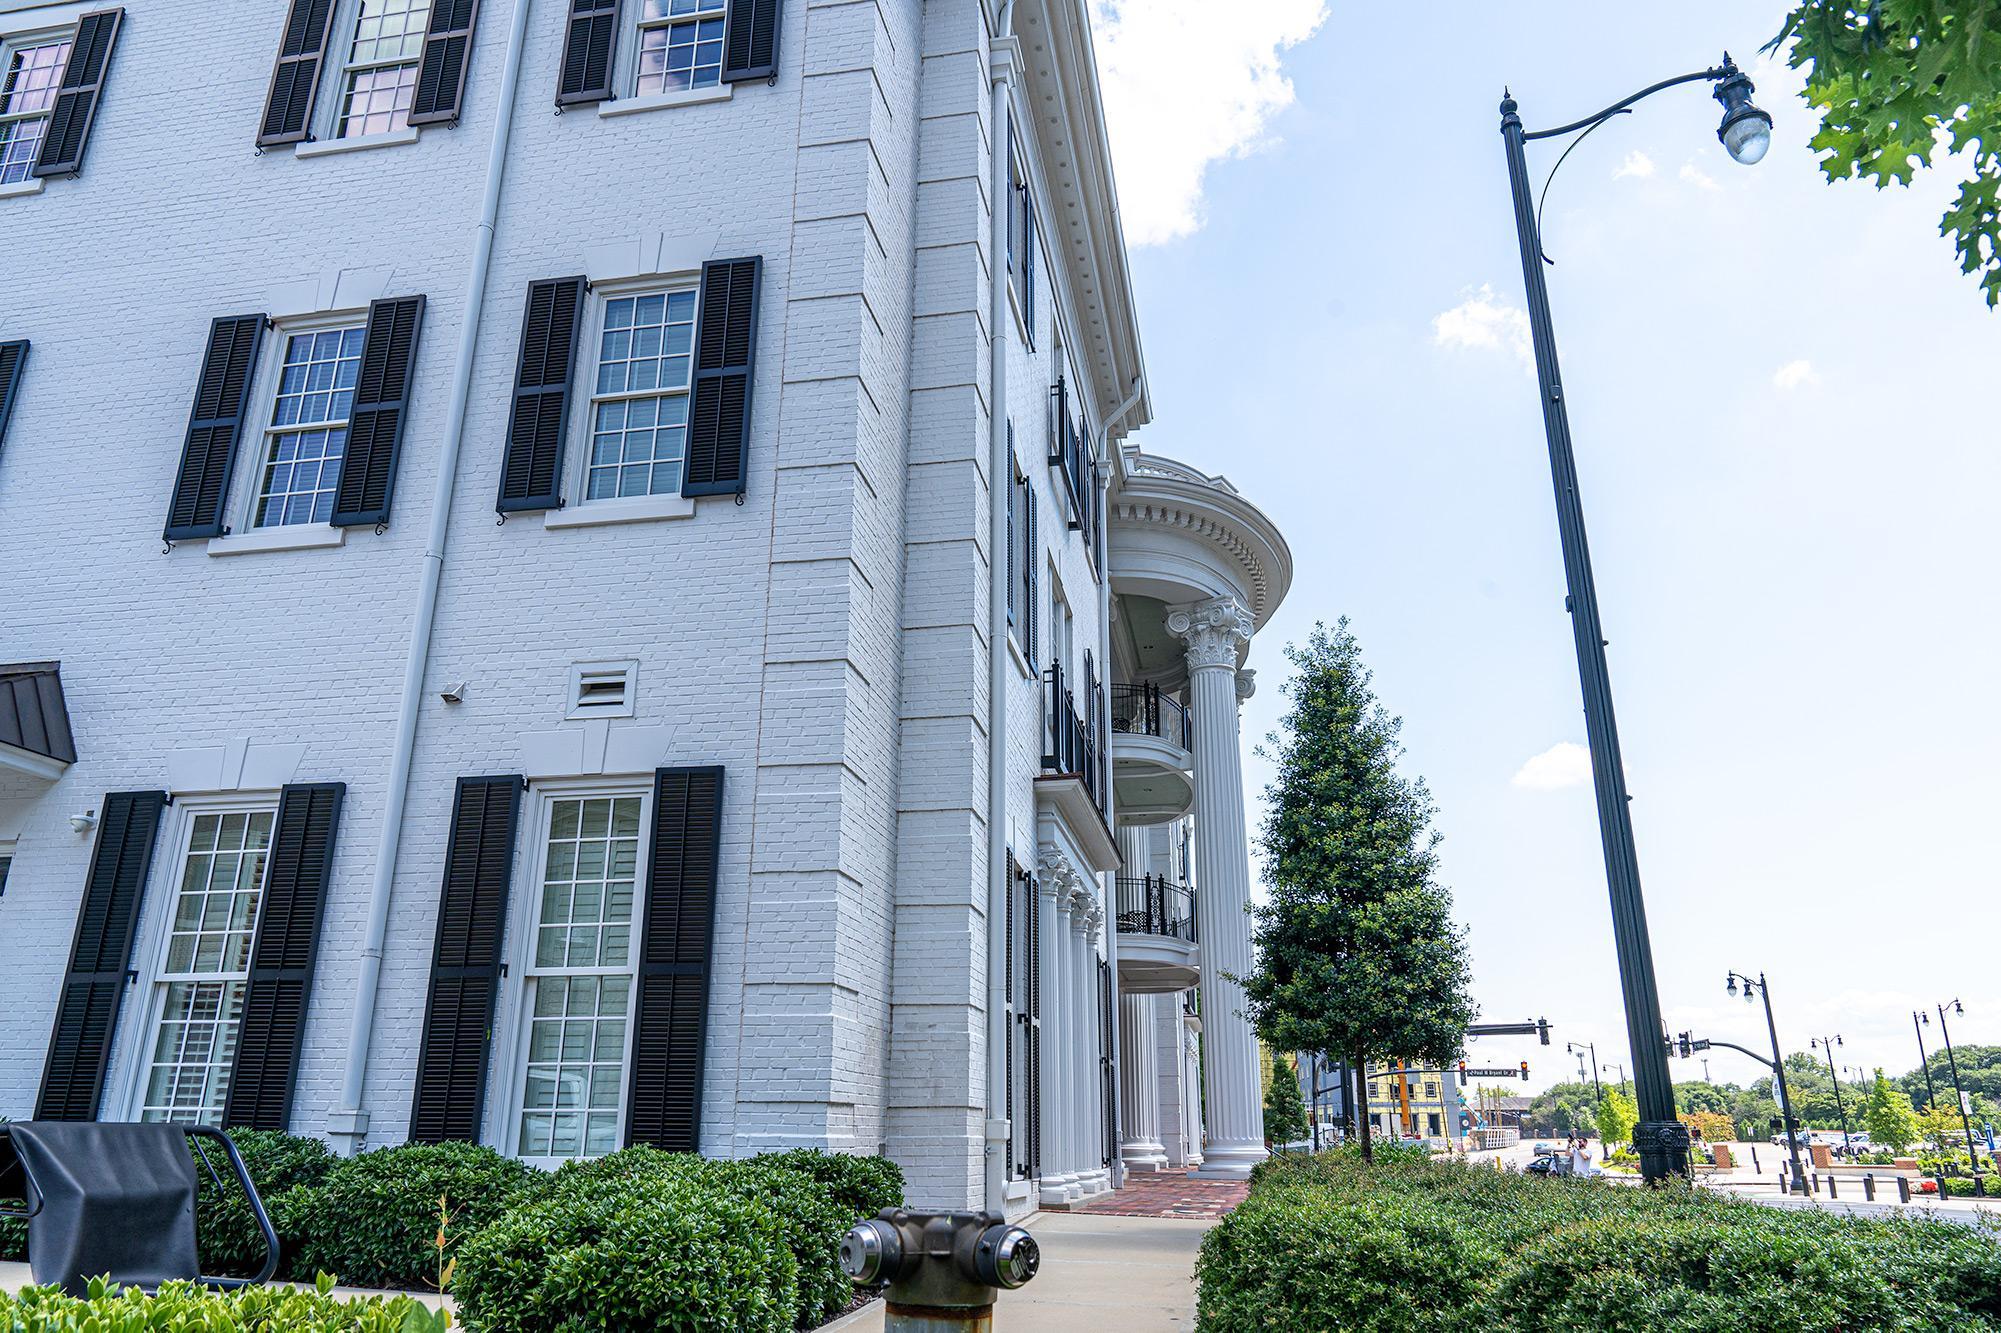 Phi Mu House at University of Alabama campus